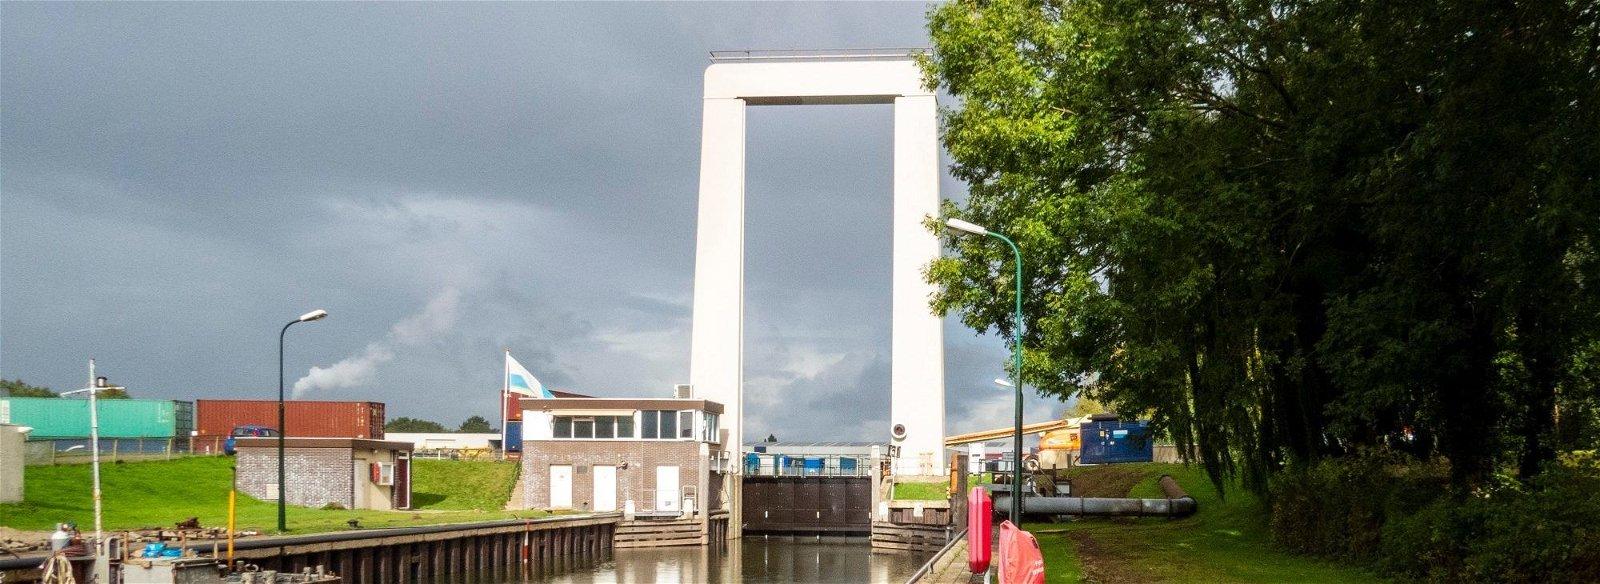 Sluizen en bruggen